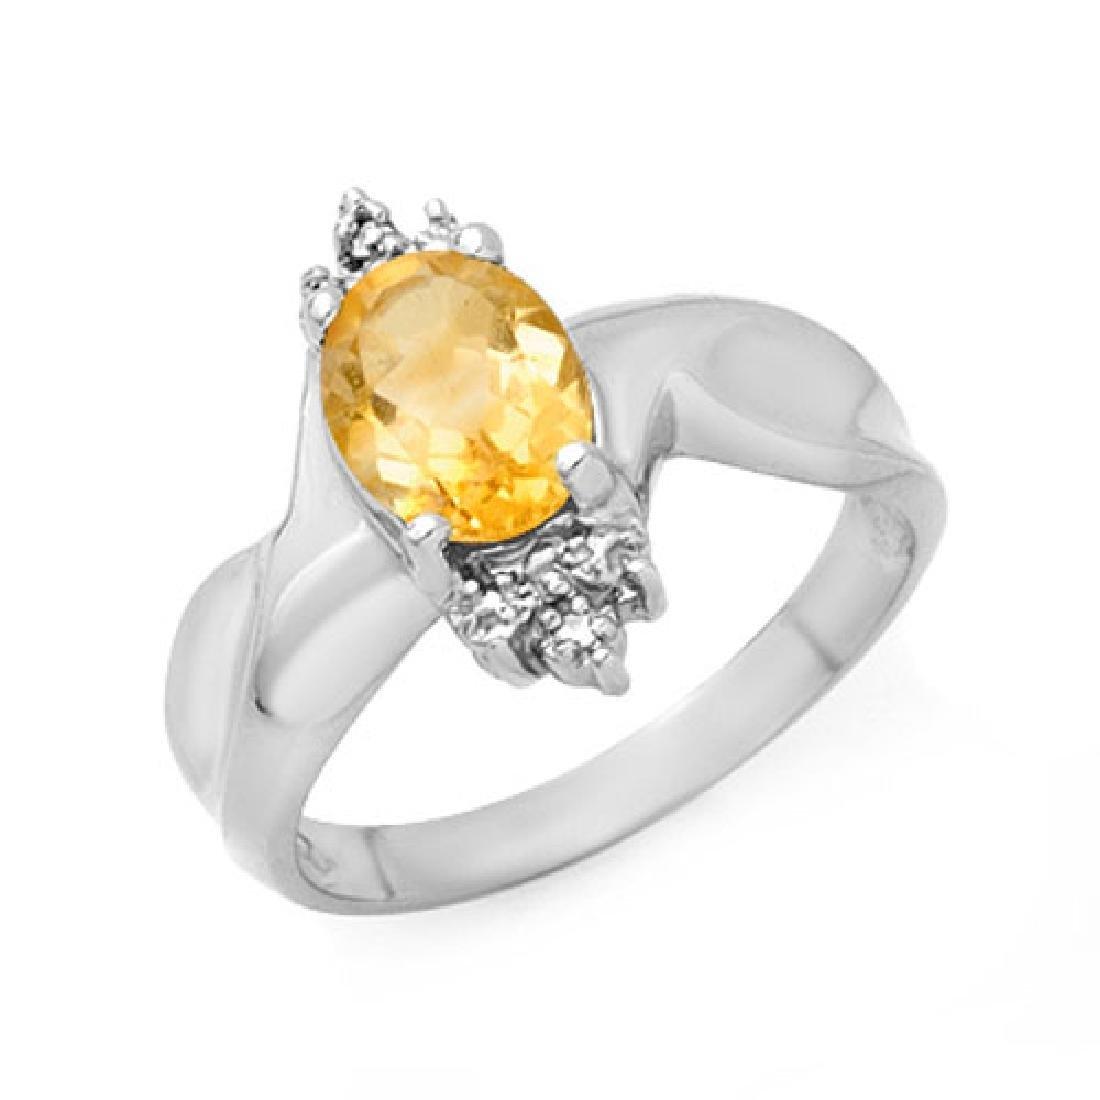 1.09 CTW Citrine & Diamond Ring 10K White Gold